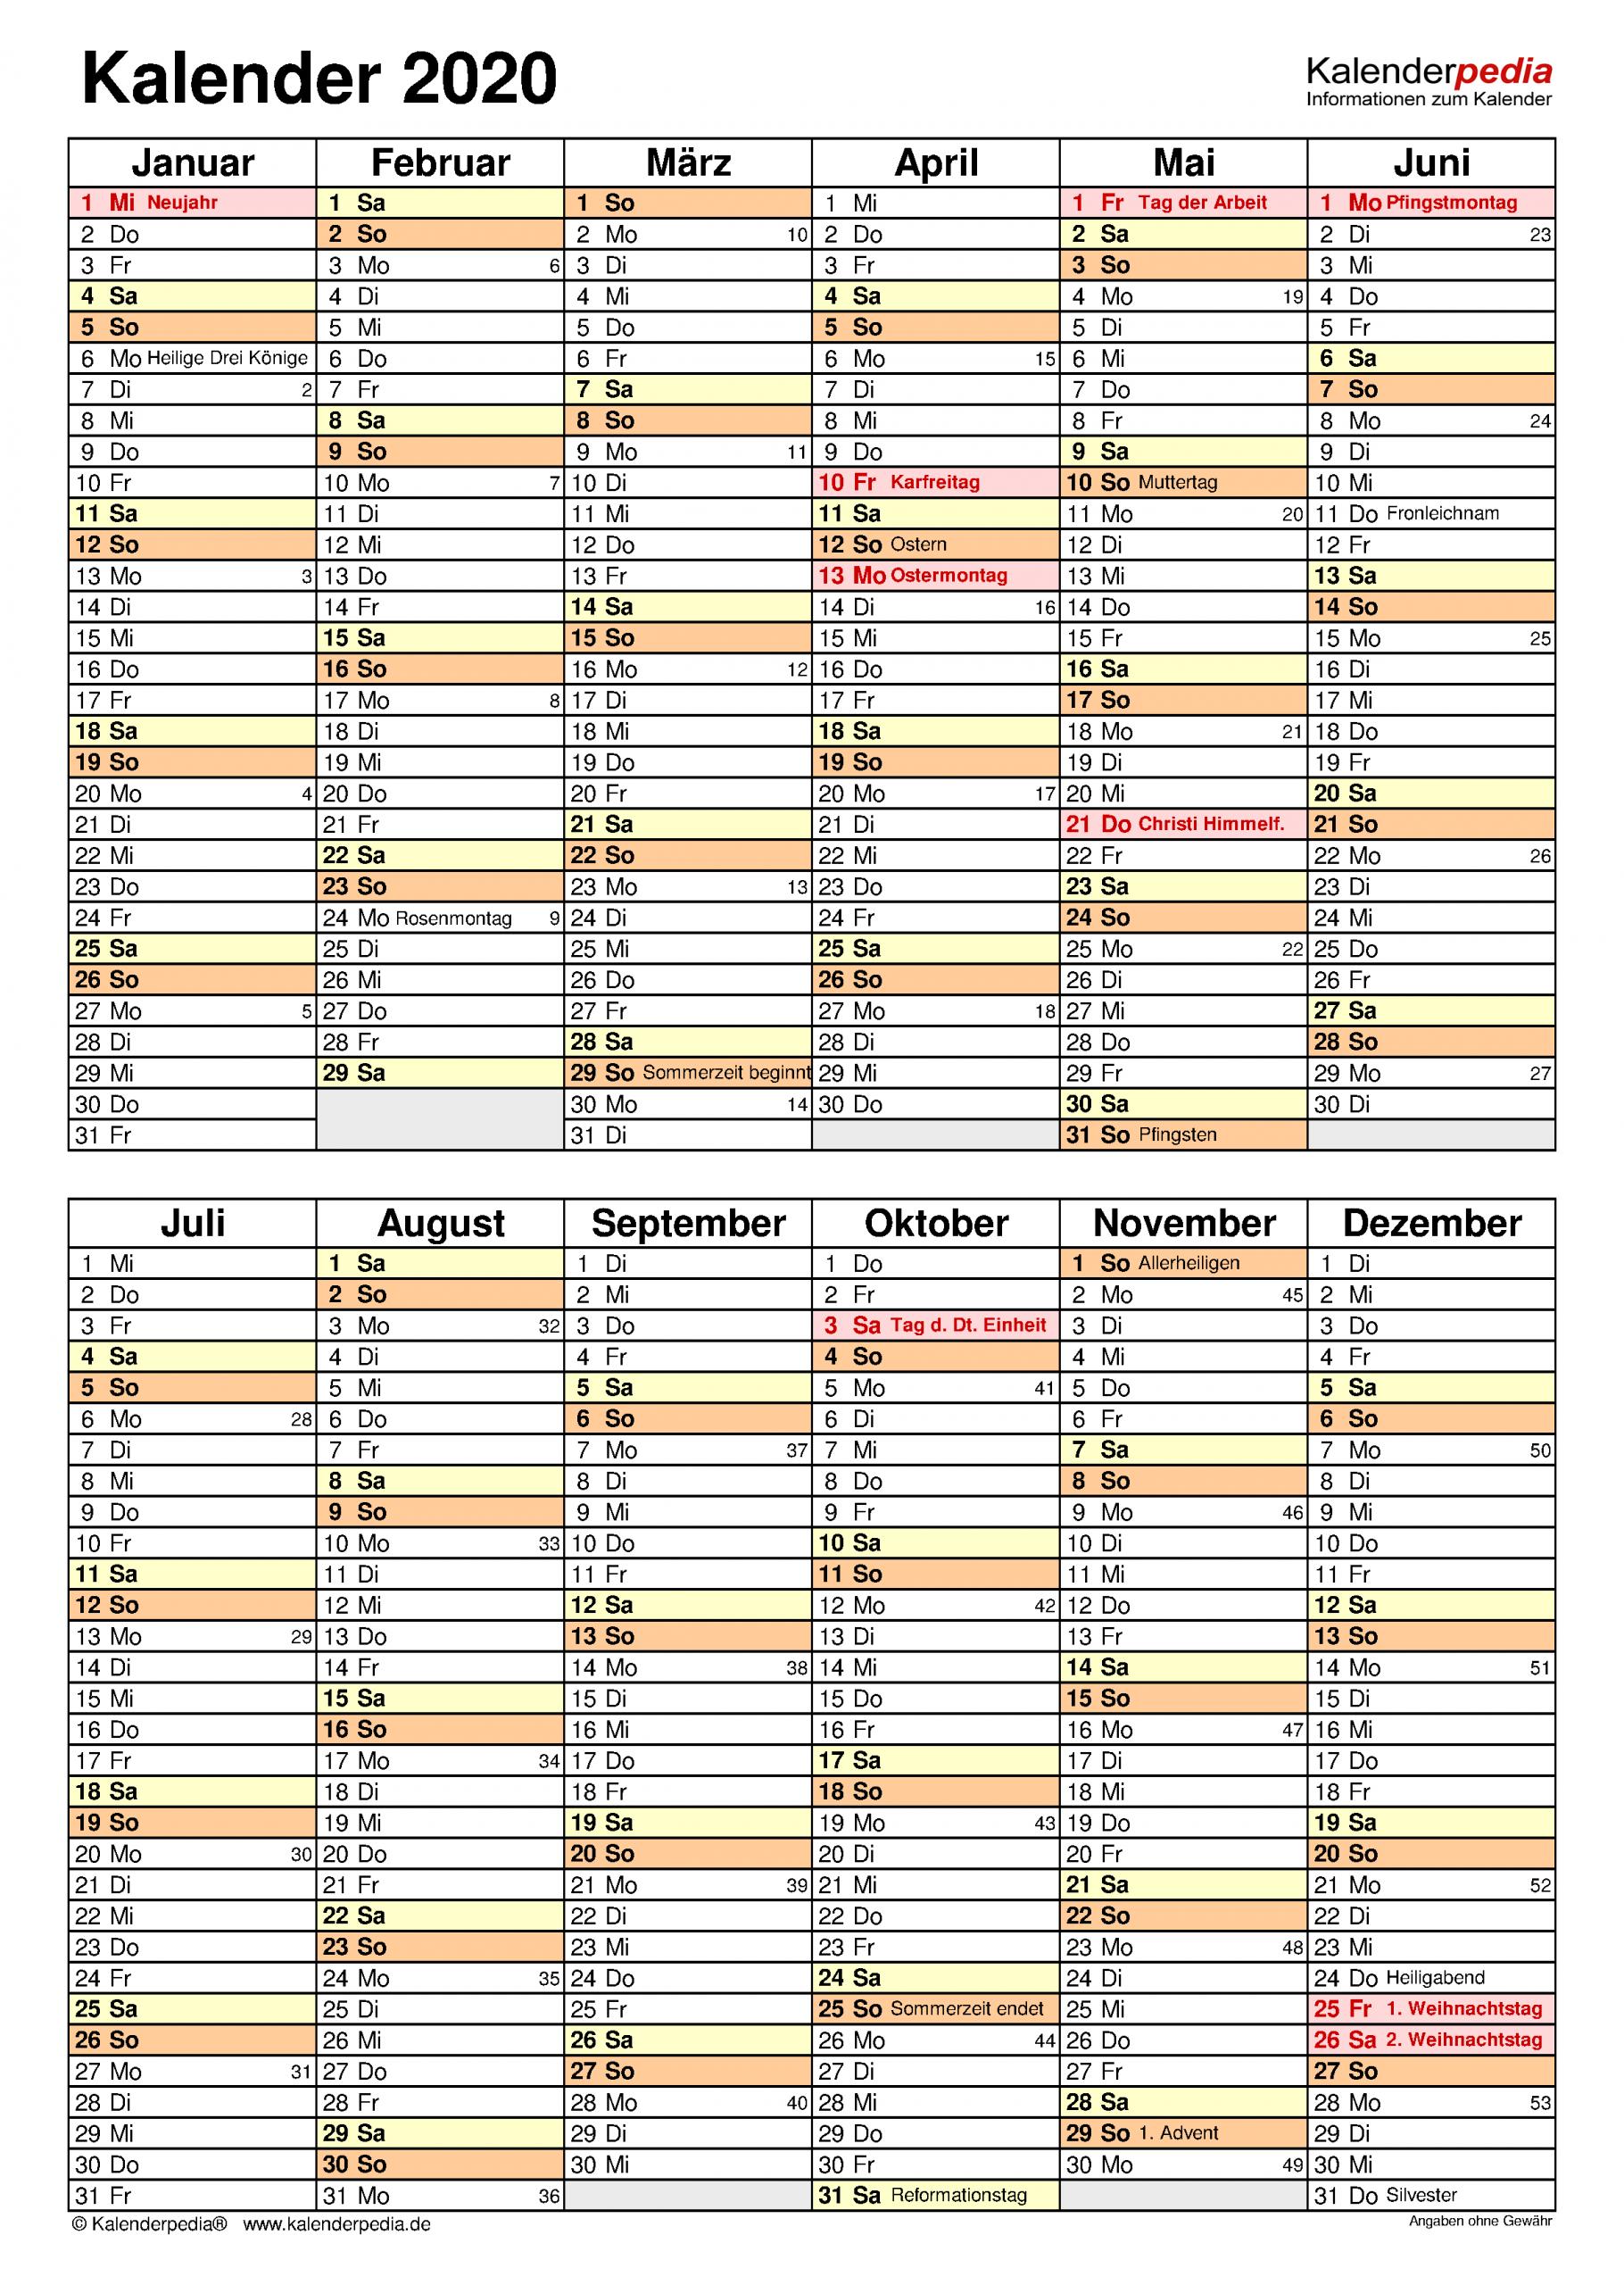 Kalender 2020 Word Zum Ausdrucken: 17 Vorlagen (Kostenlos) in Vorlage Jahreskalender